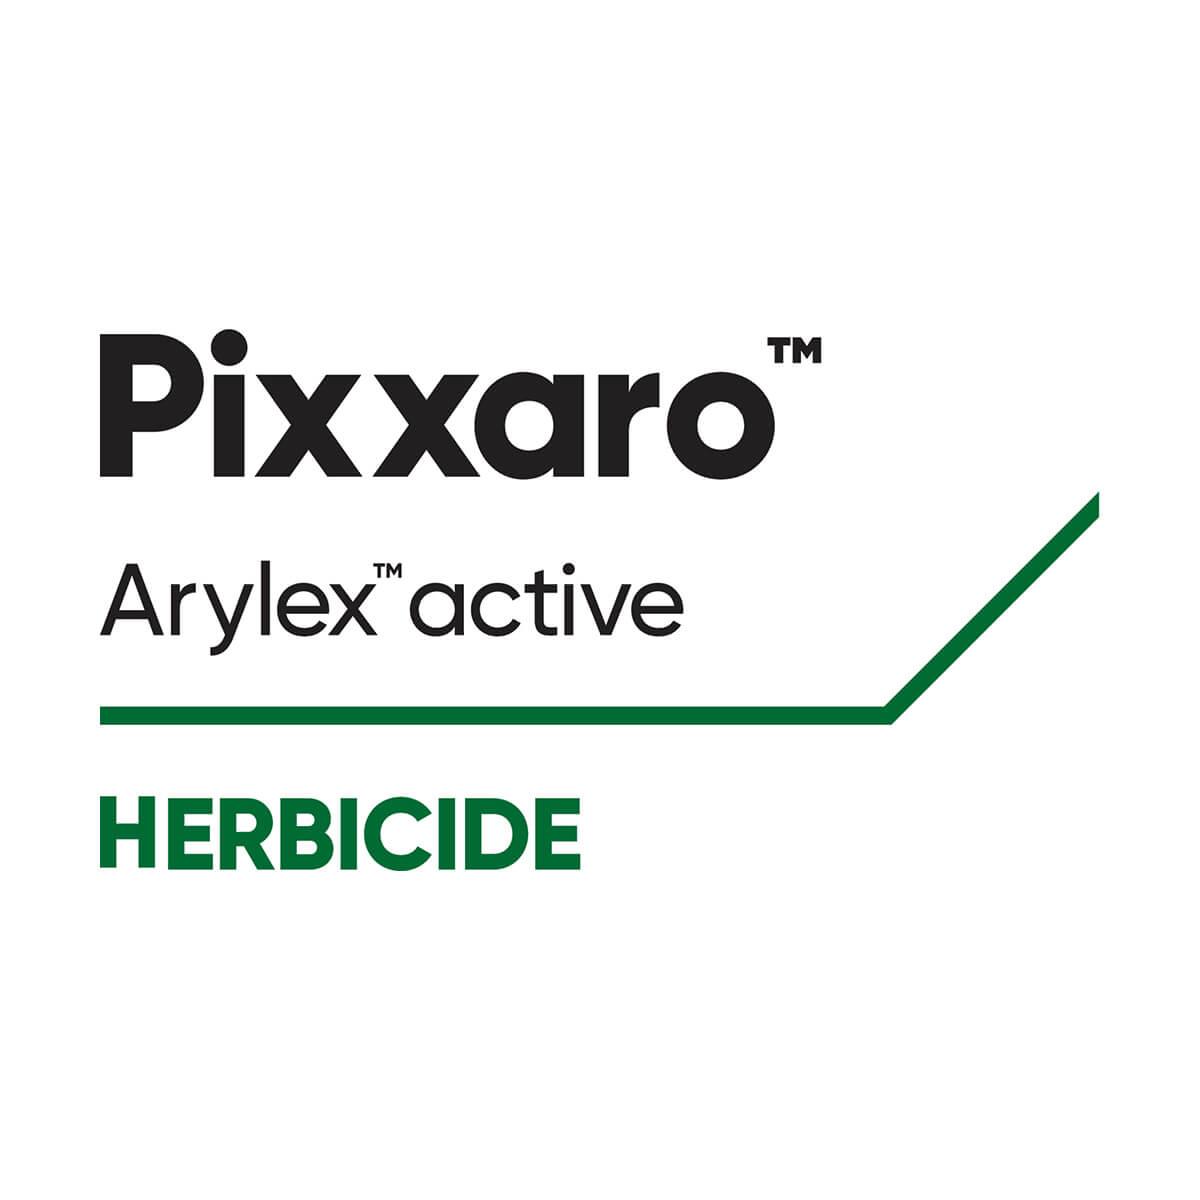 PIXXARO - 40 Acre Case